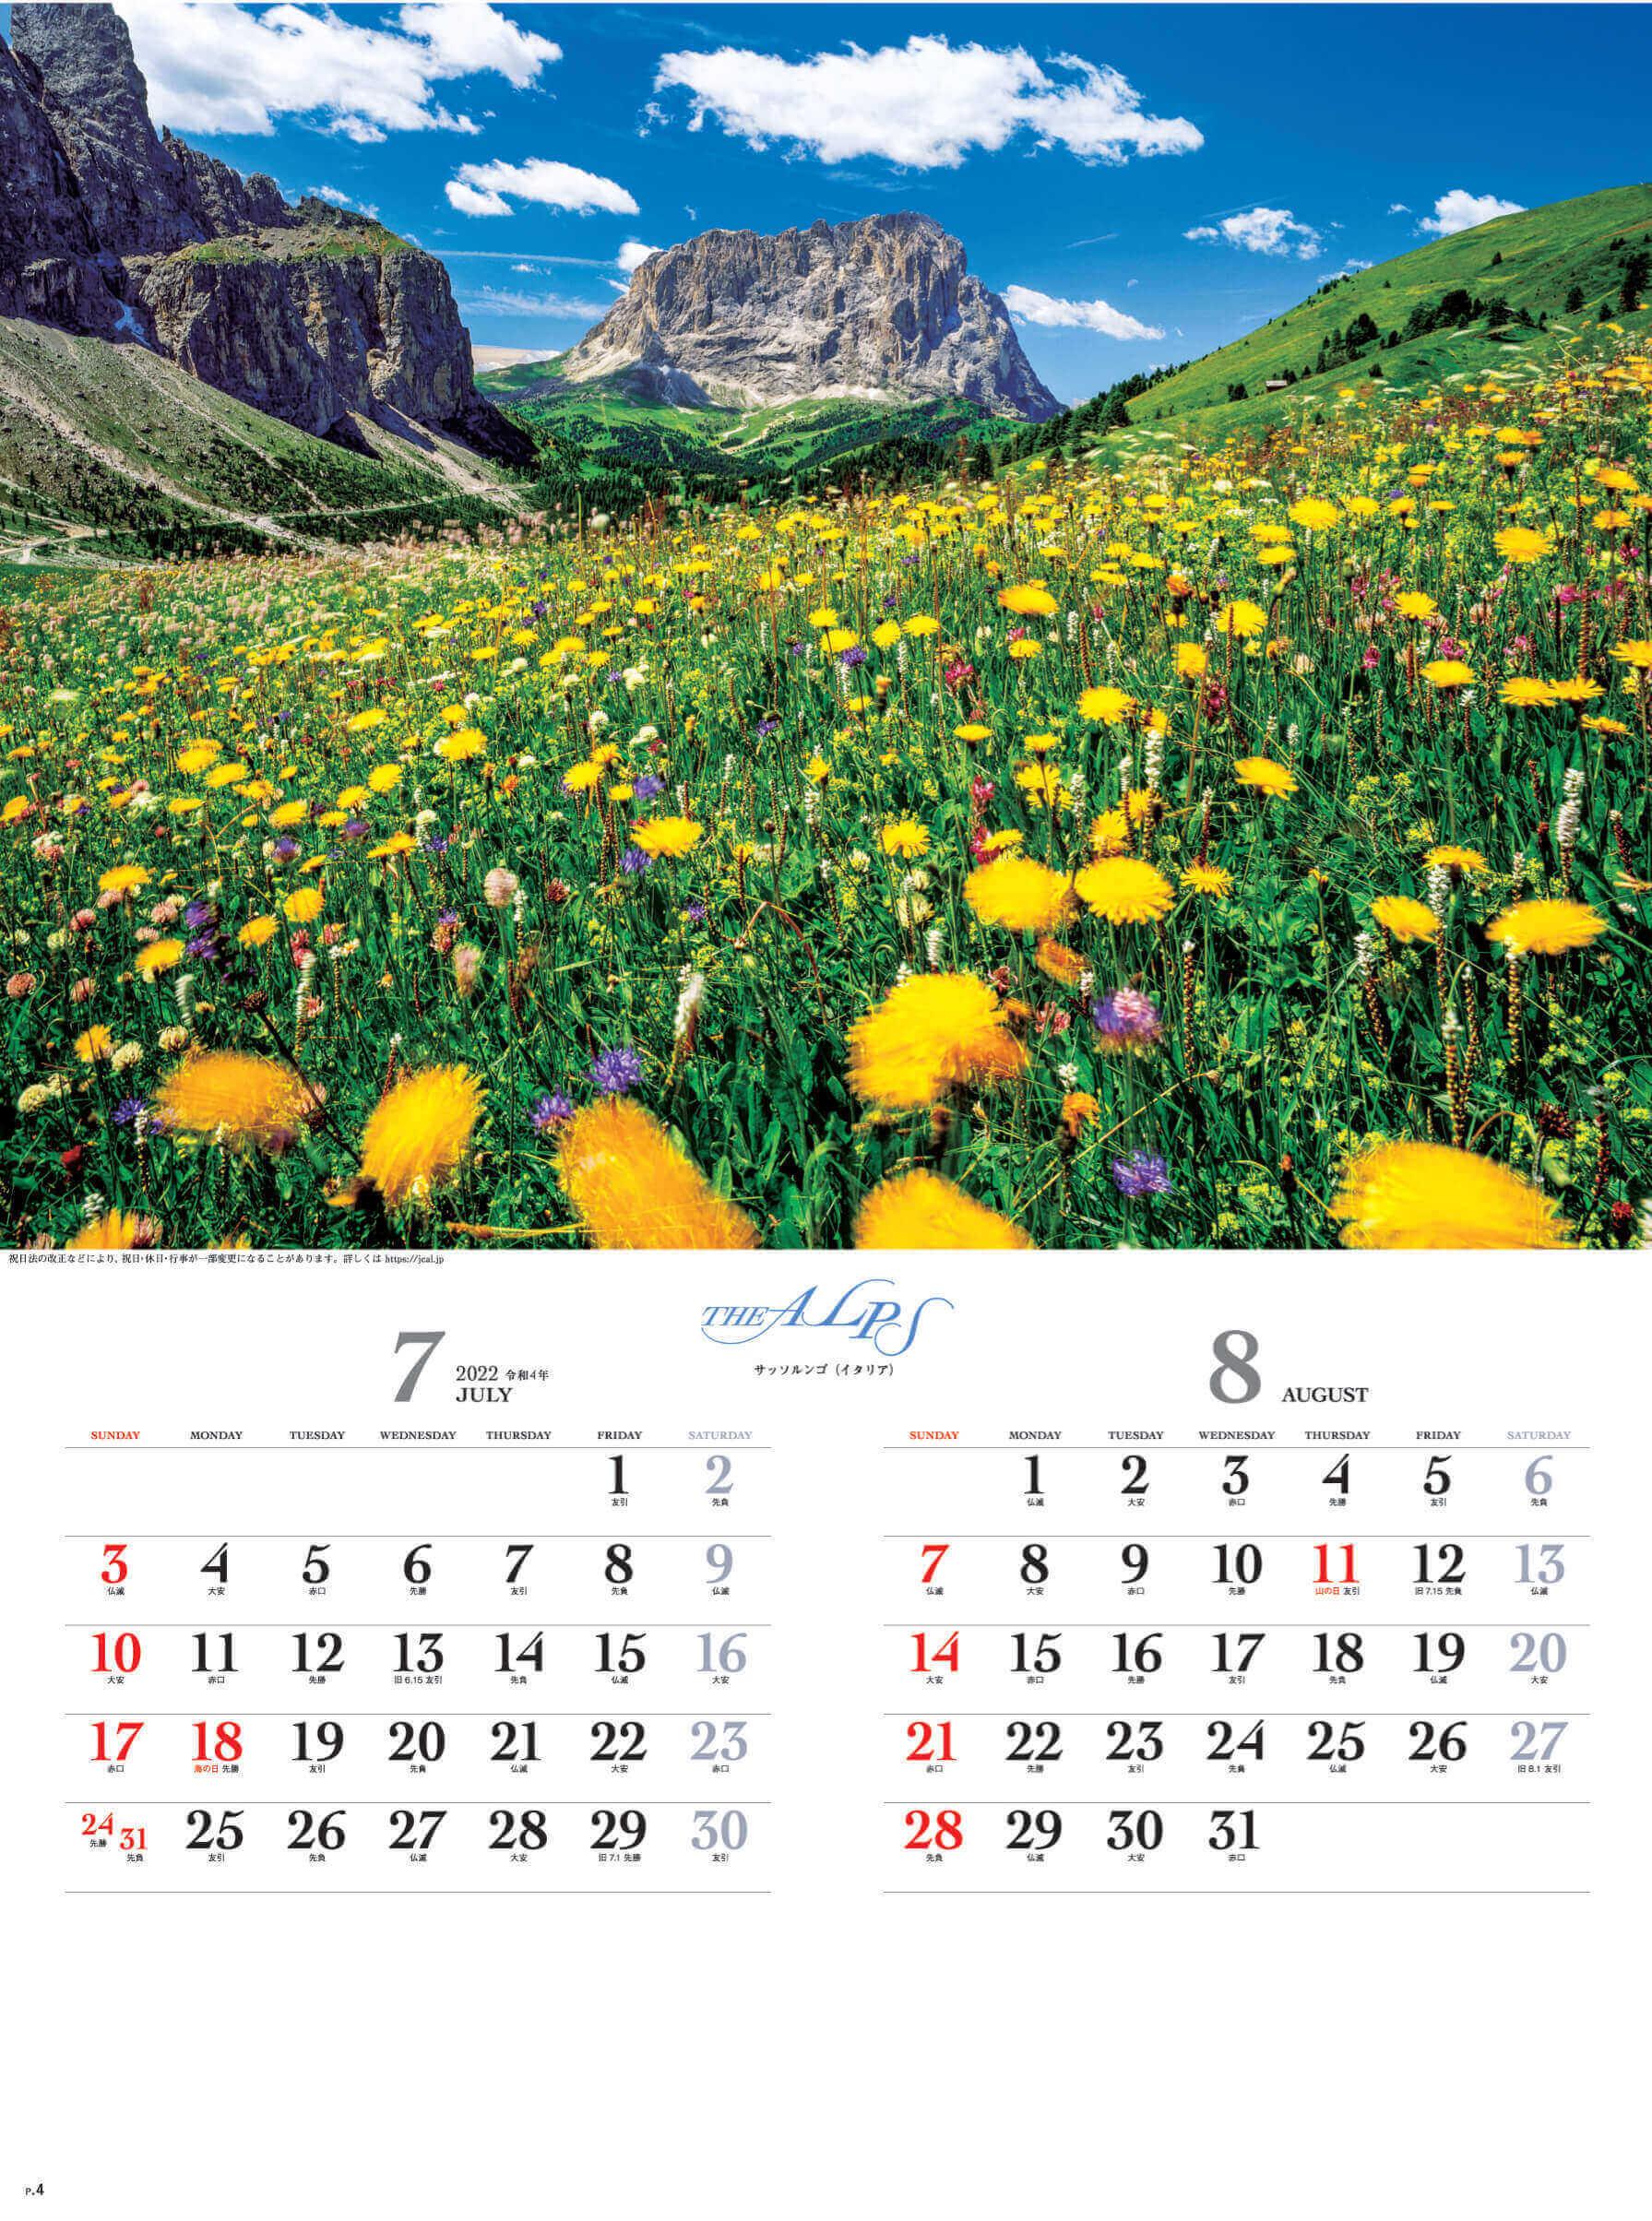 7-8月 サッソルンゴ(イタリア) アルプス 2022年カレンダーの画像